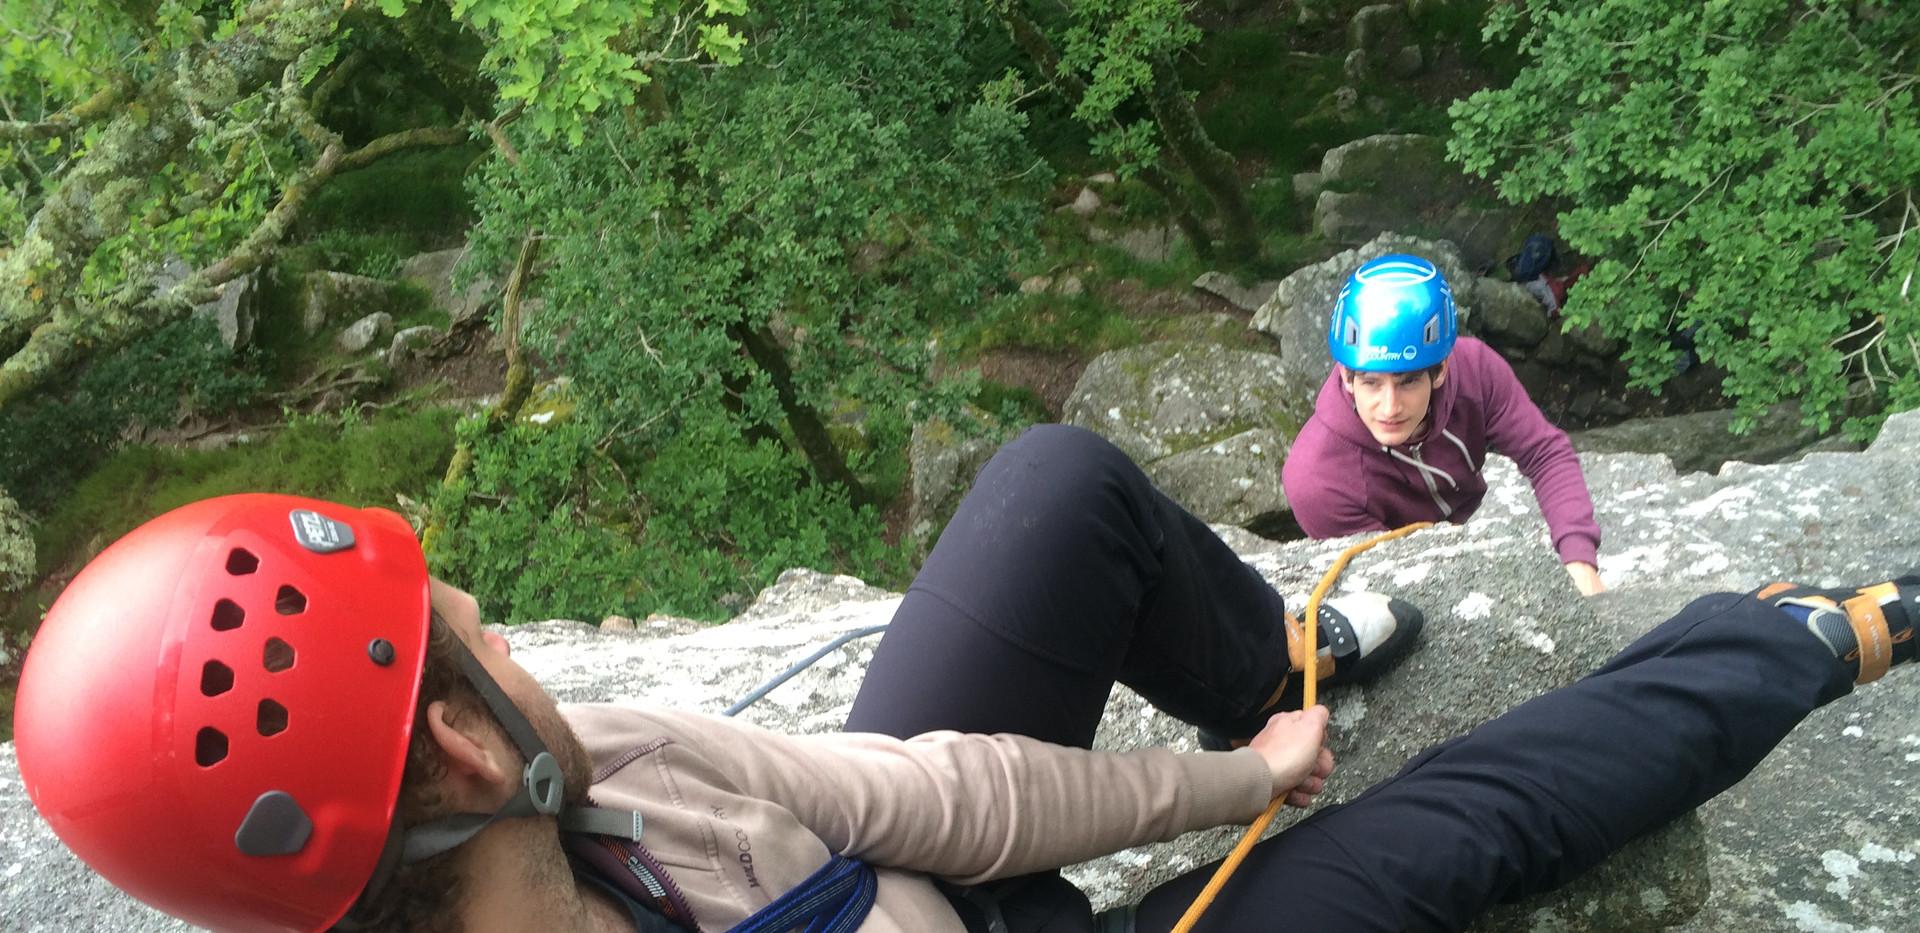 Improving Climber